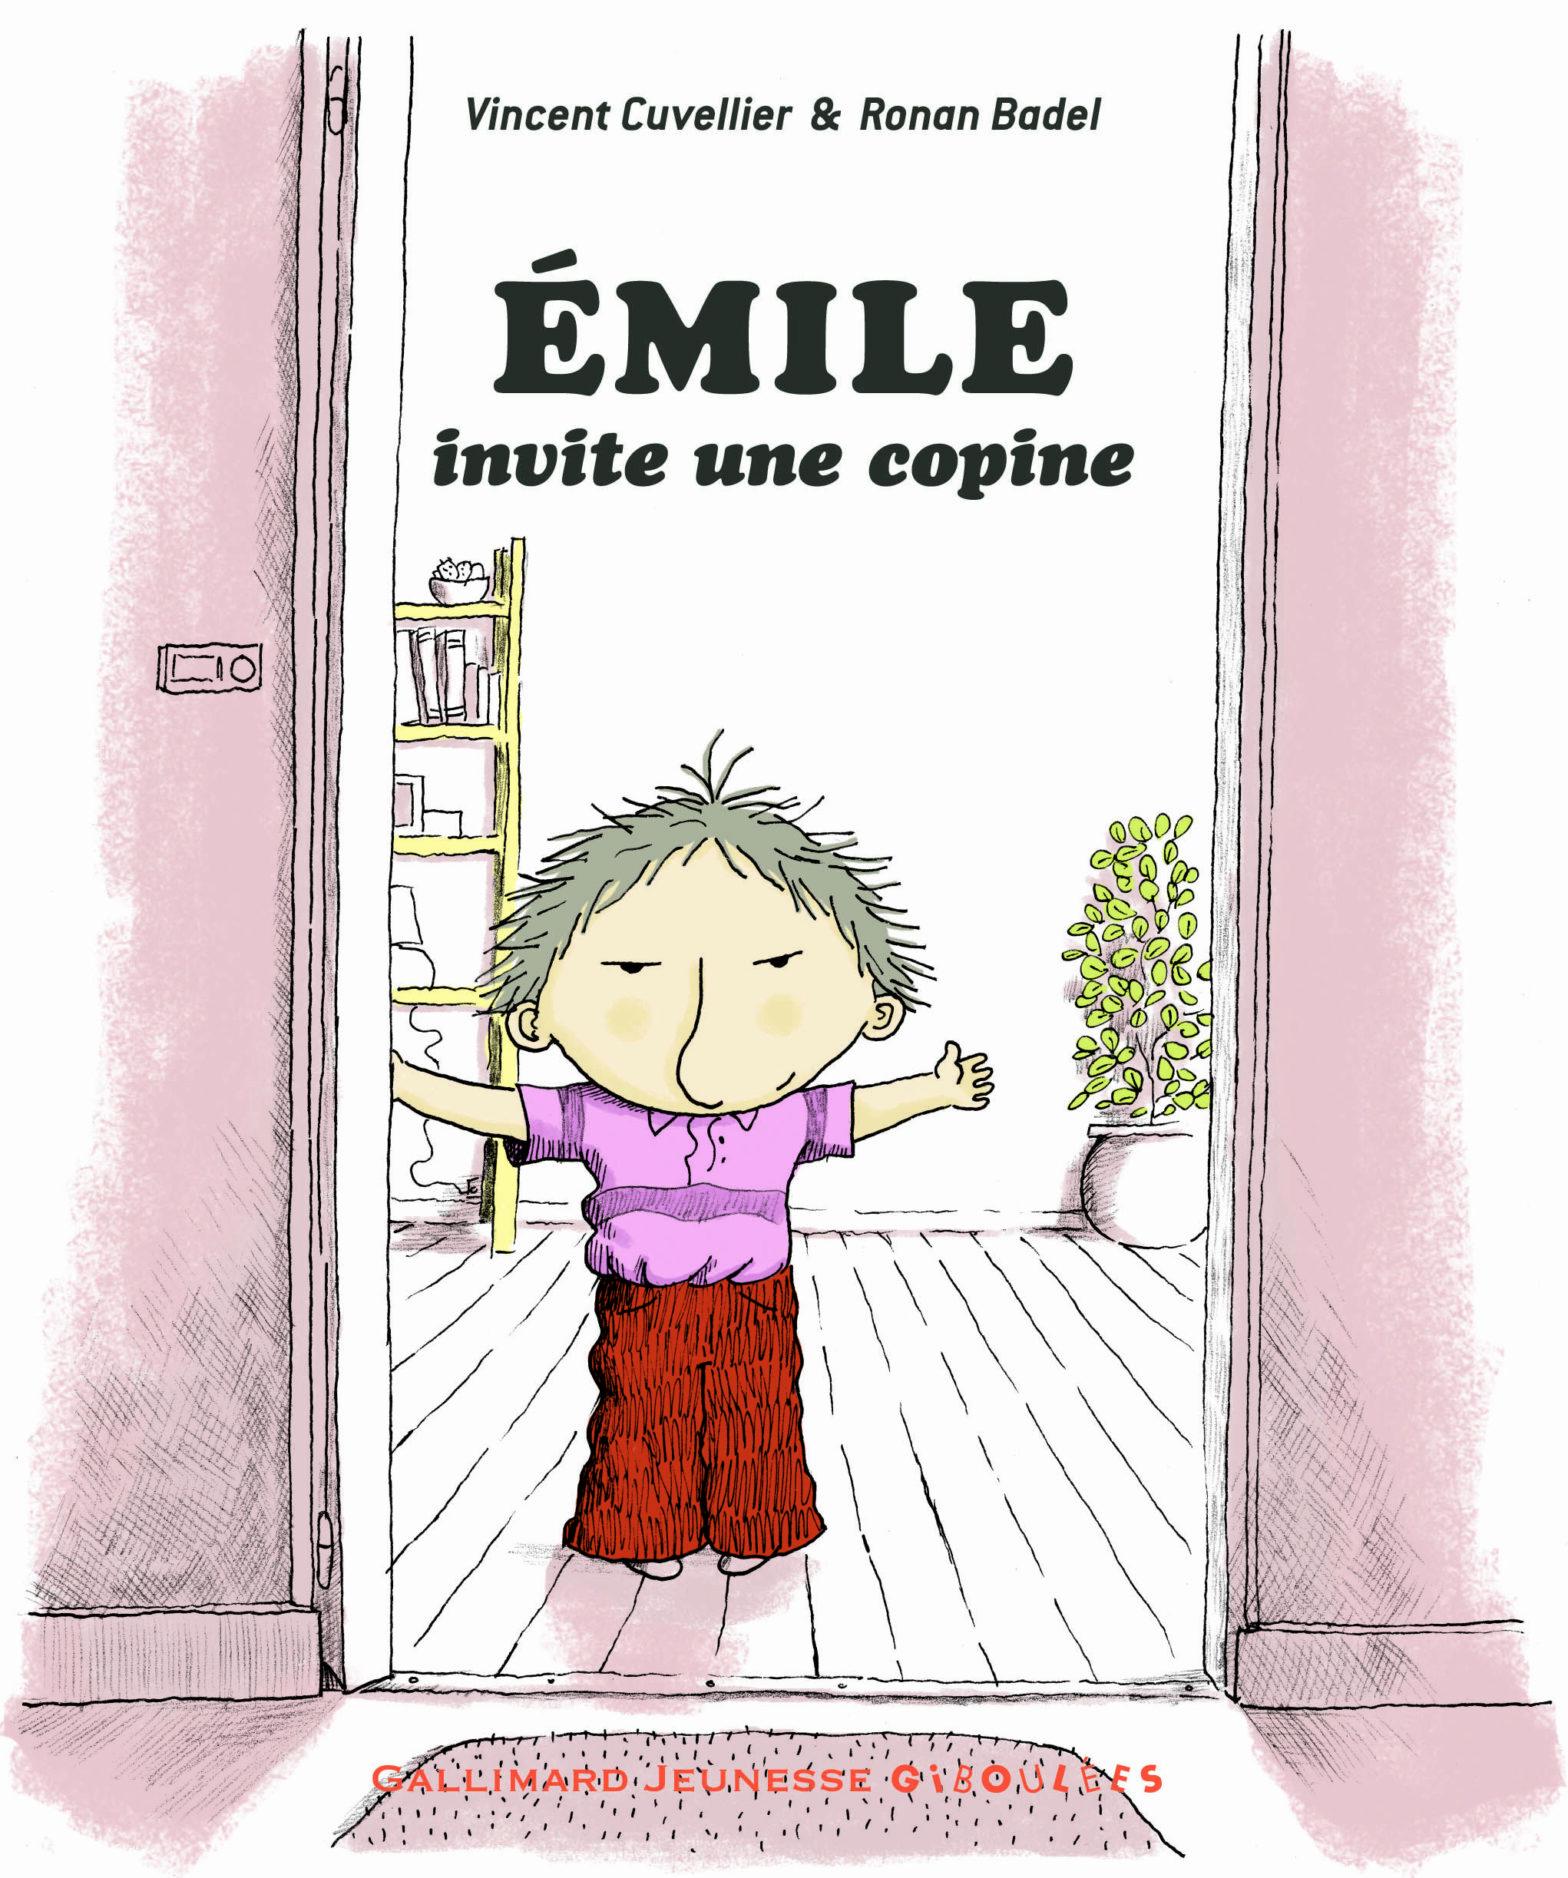 Coup de cœur pour Émile invite une copine, de Vincent Cuvellier et Ronan Badel par Catherine Mourrain